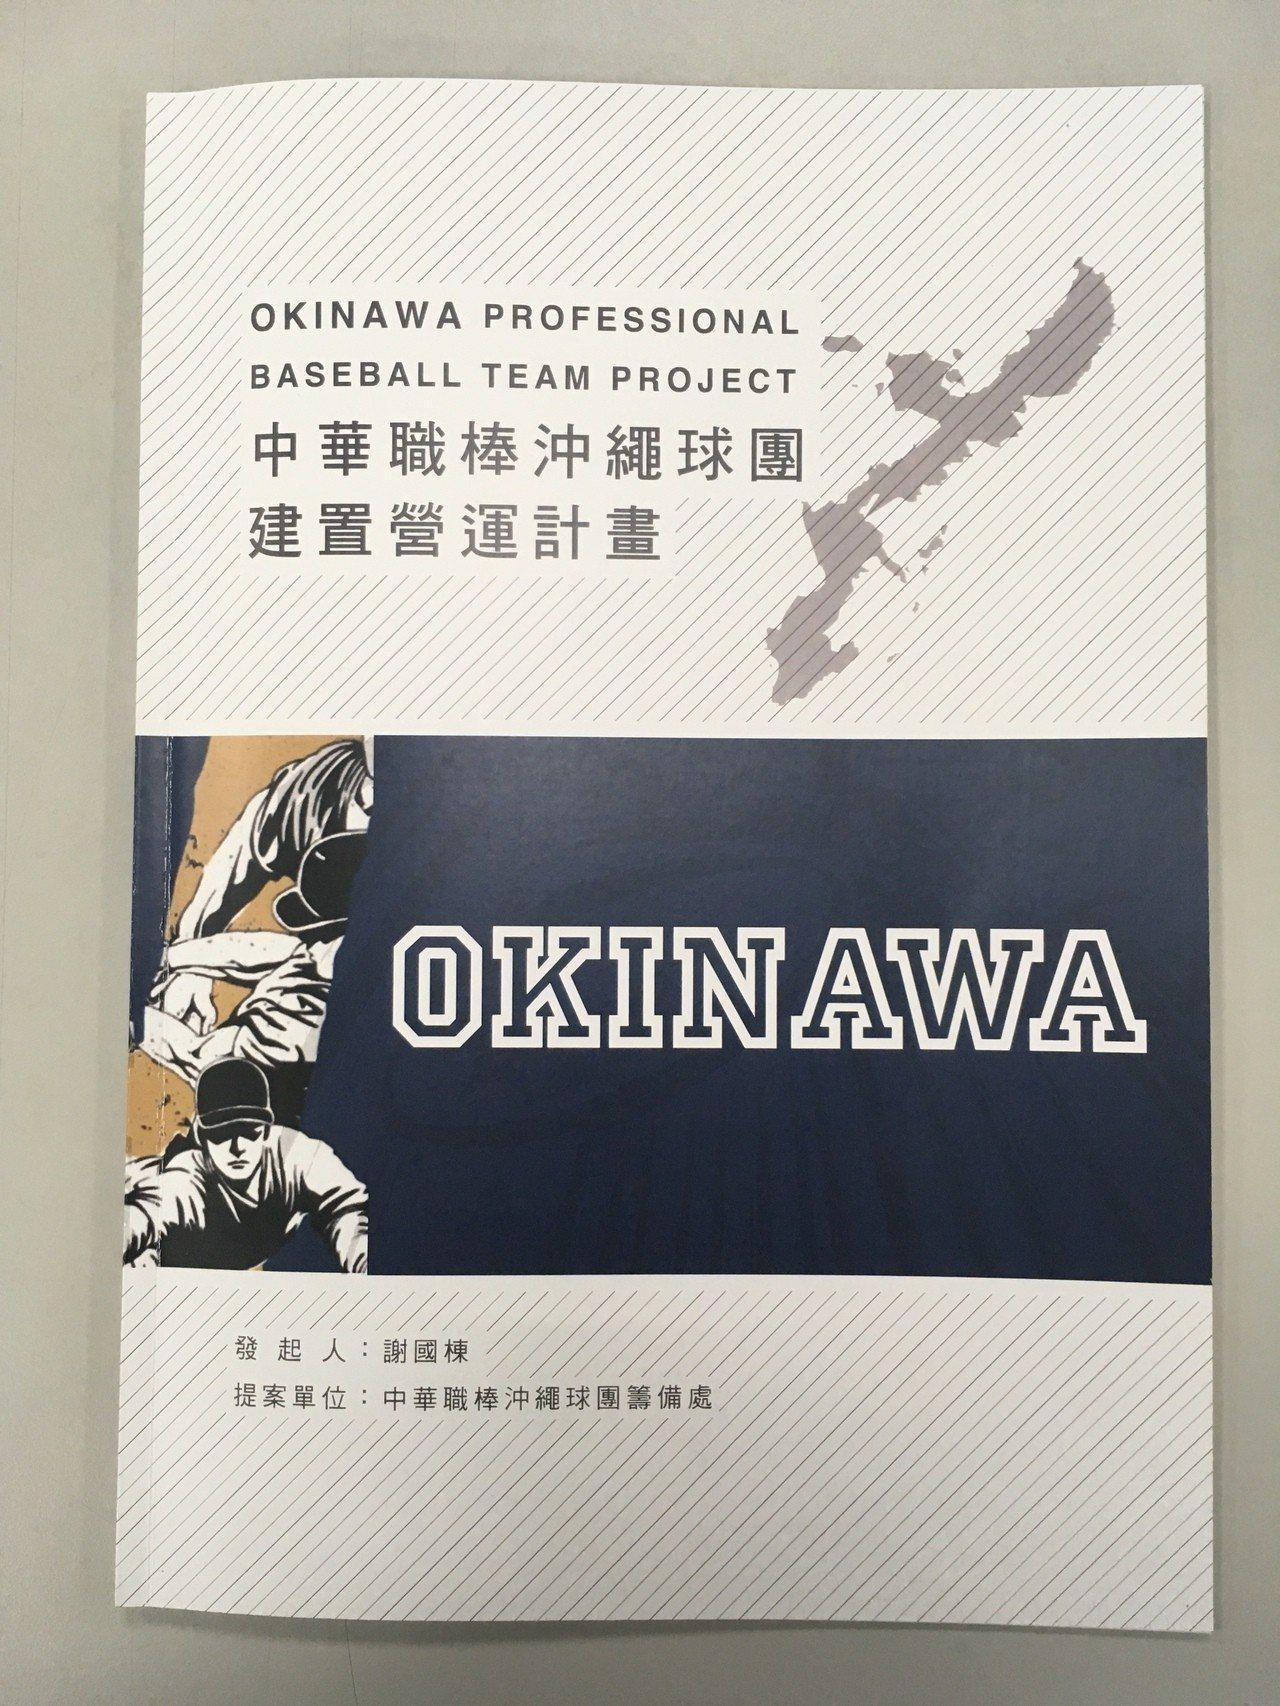 沖繩組隊計畫書。